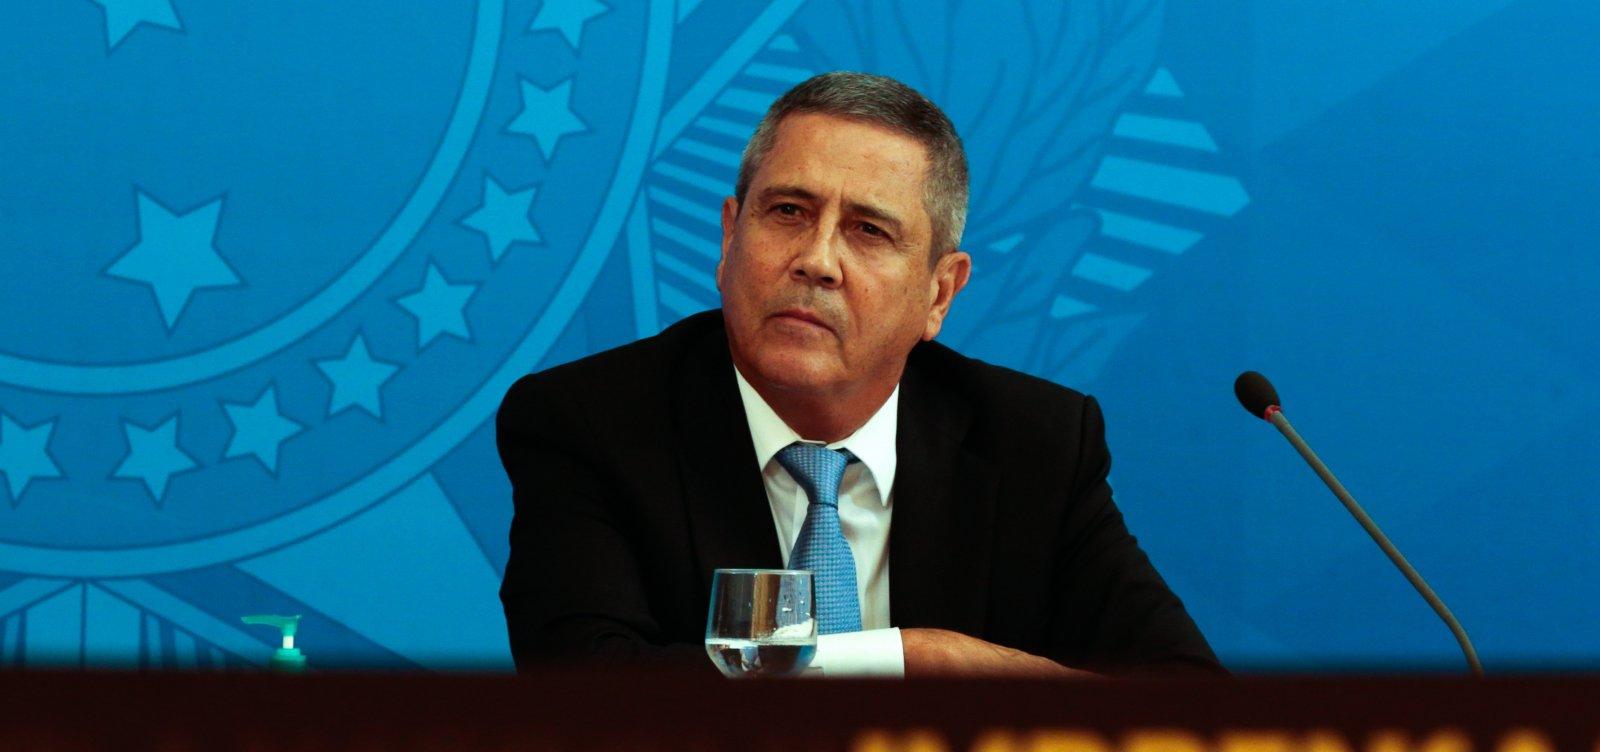 [Braga Netto reitera versão de Bolsonaro e diz que ele falou em trocar PF no Rio]